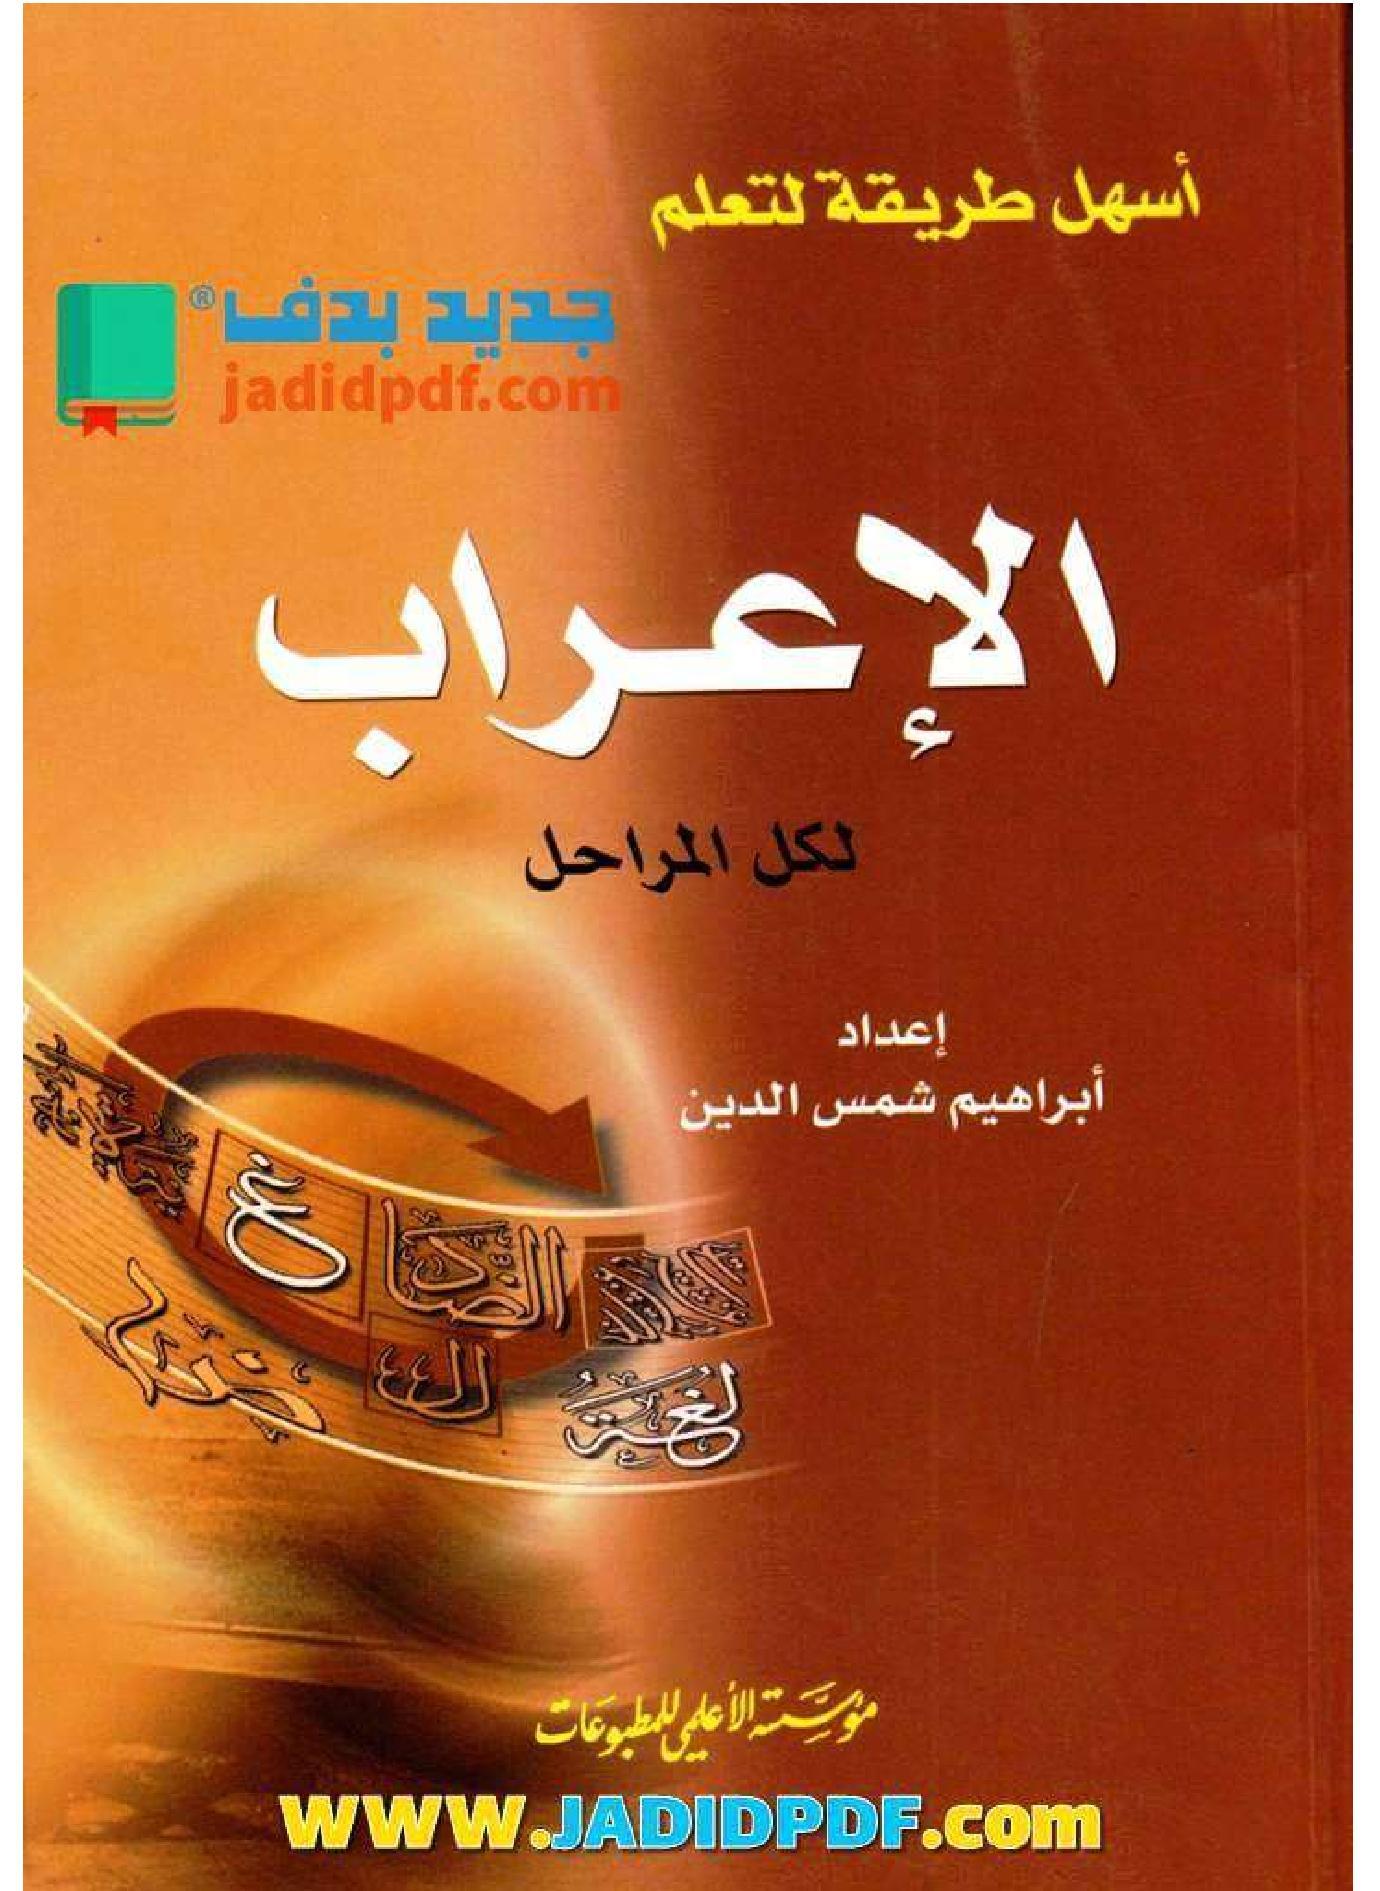 كتاب رائع يوضح قواعد اللغة